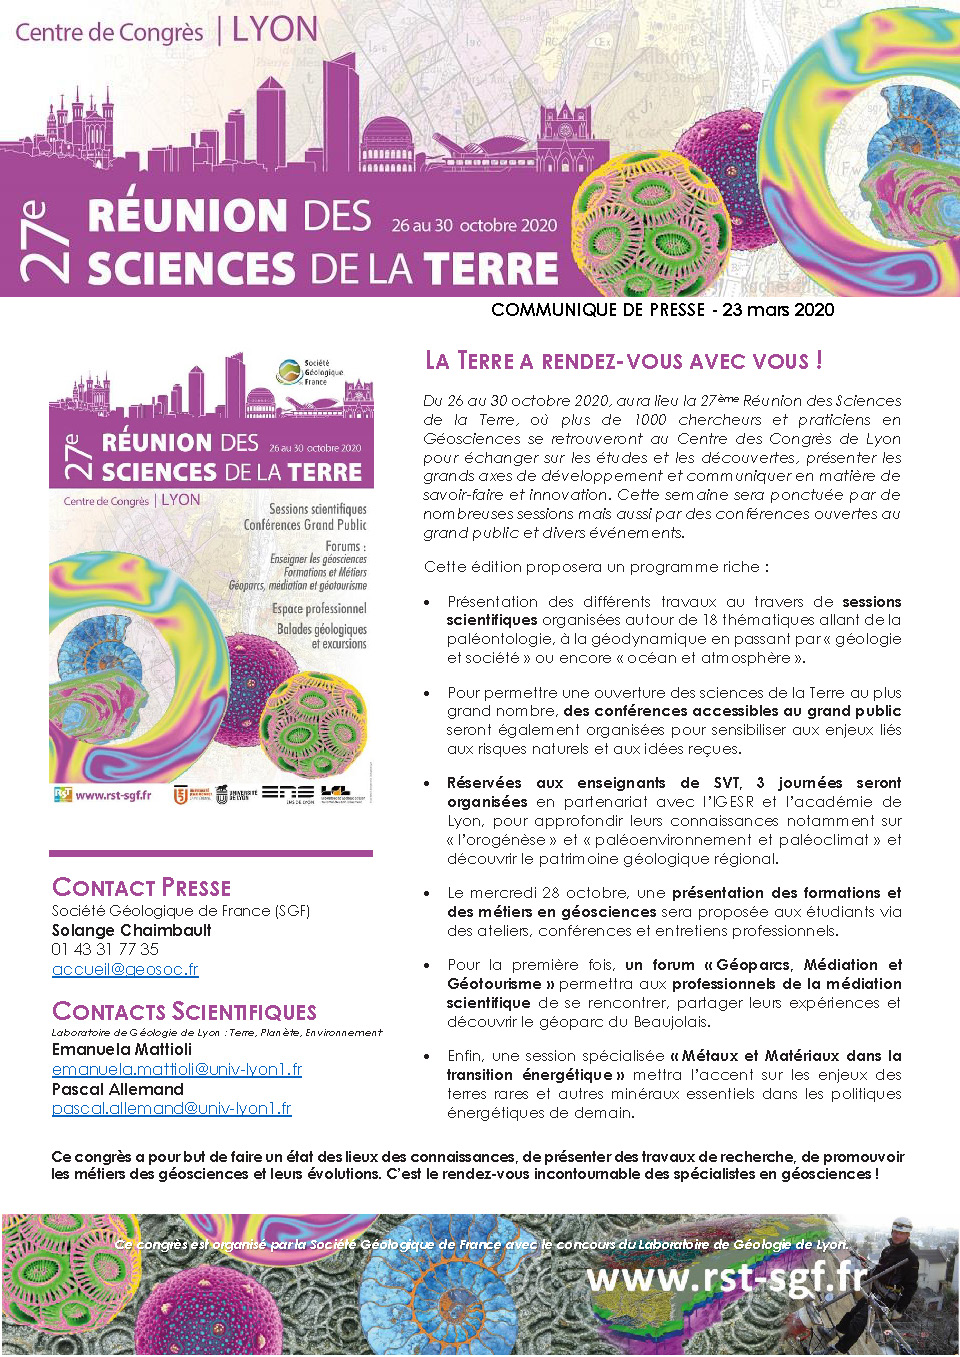 LYON_rst2020_communique_1.jpg